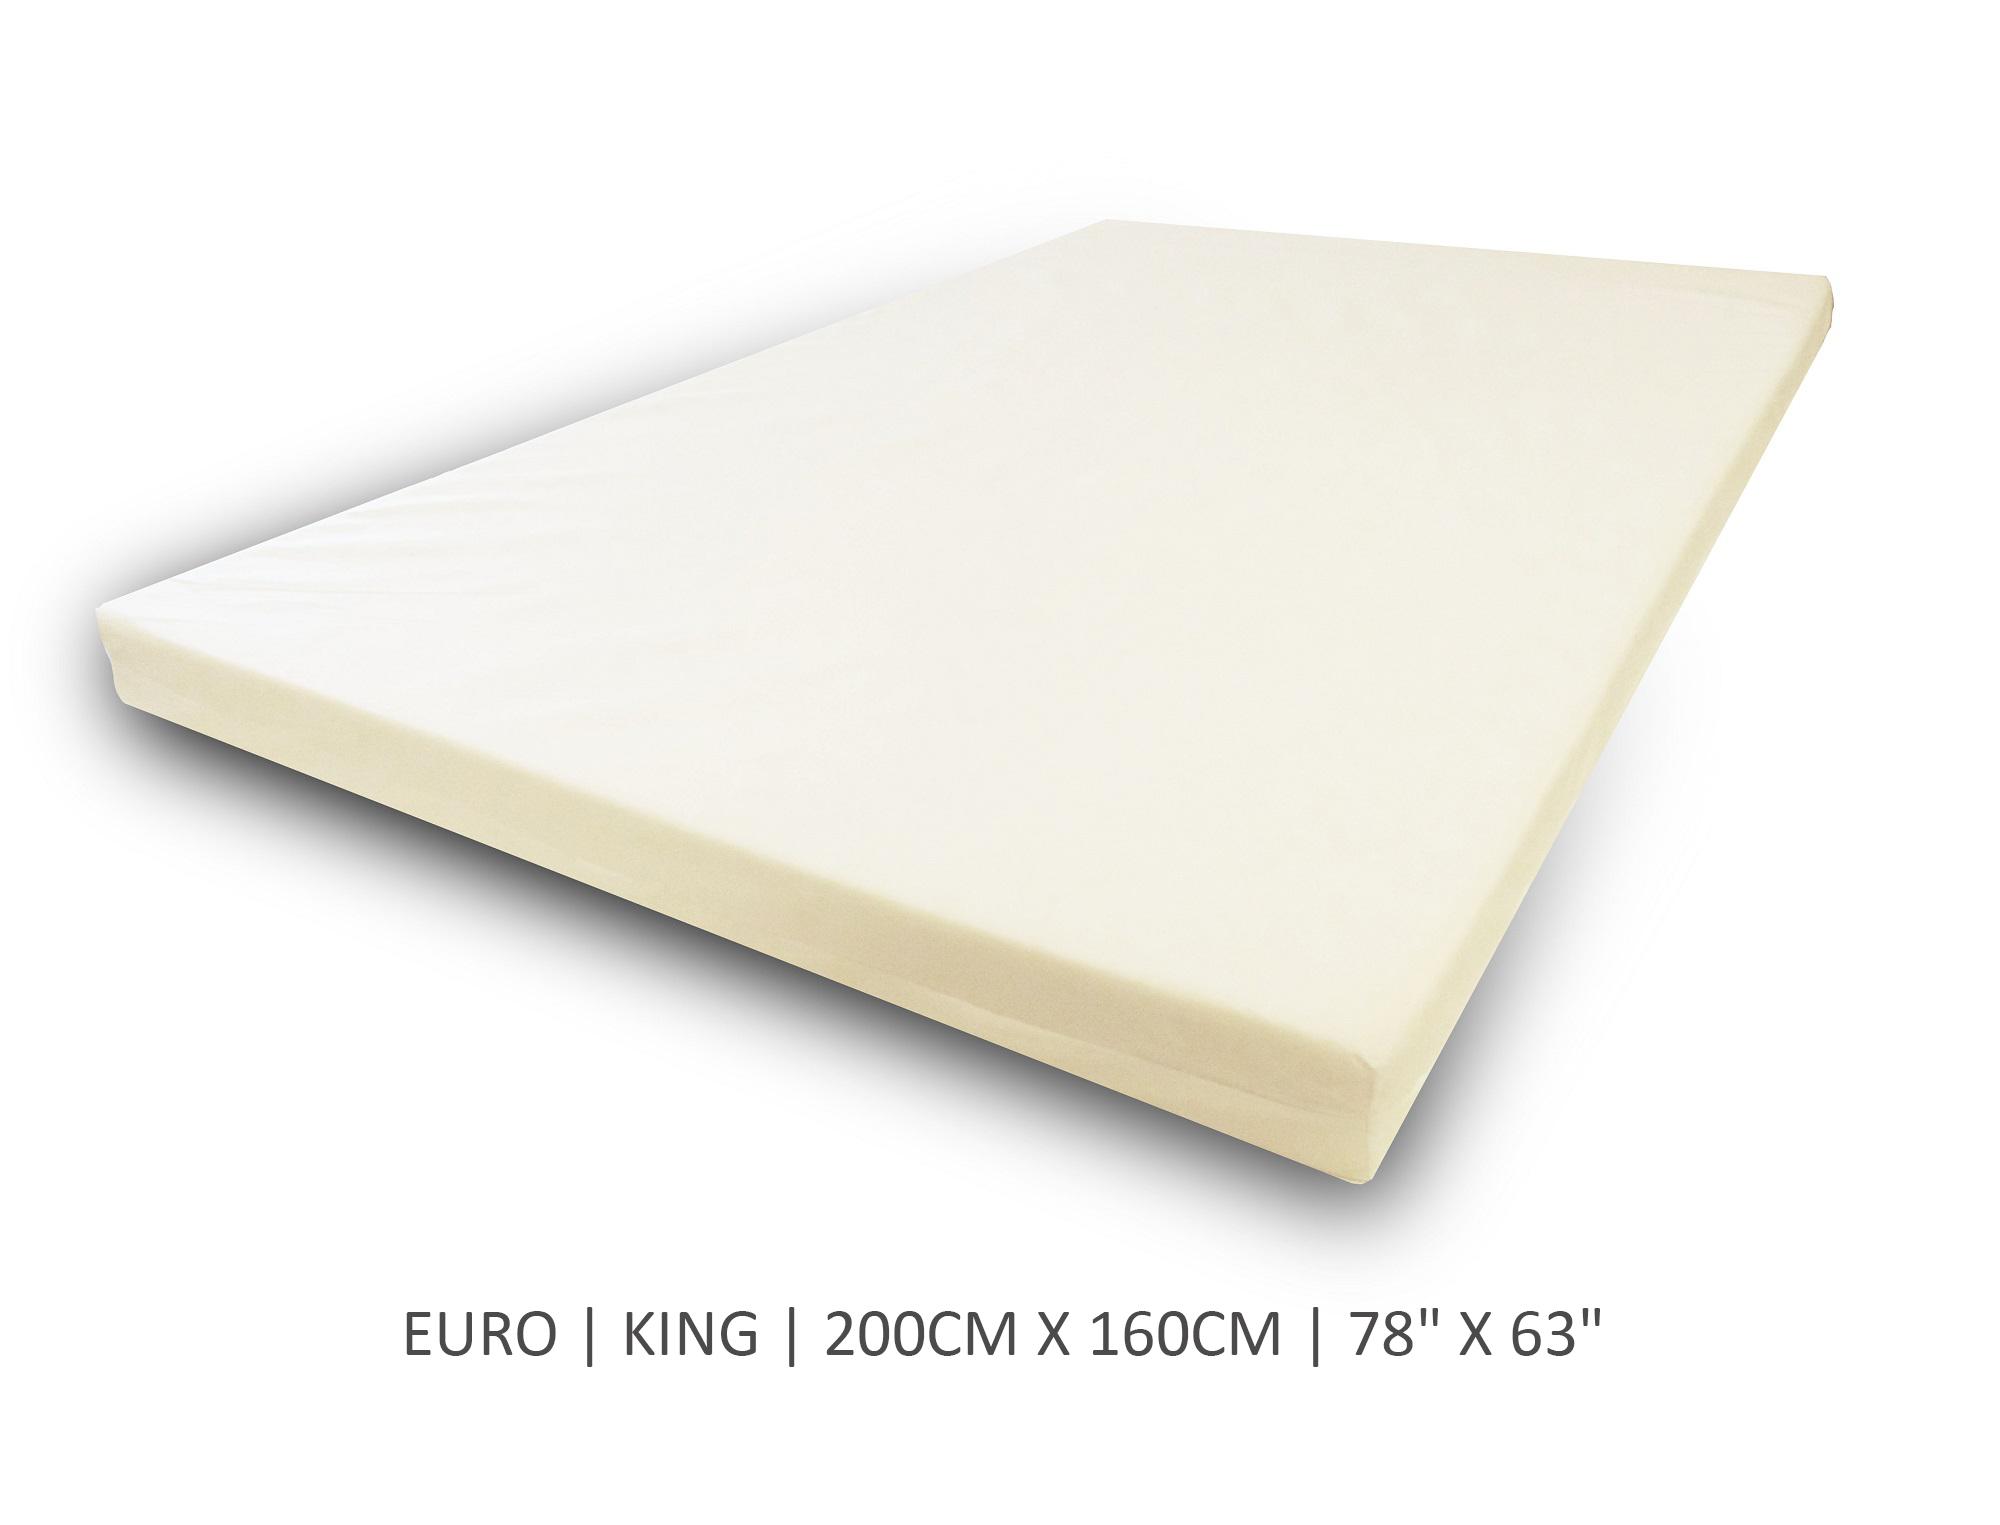 EURO King Size